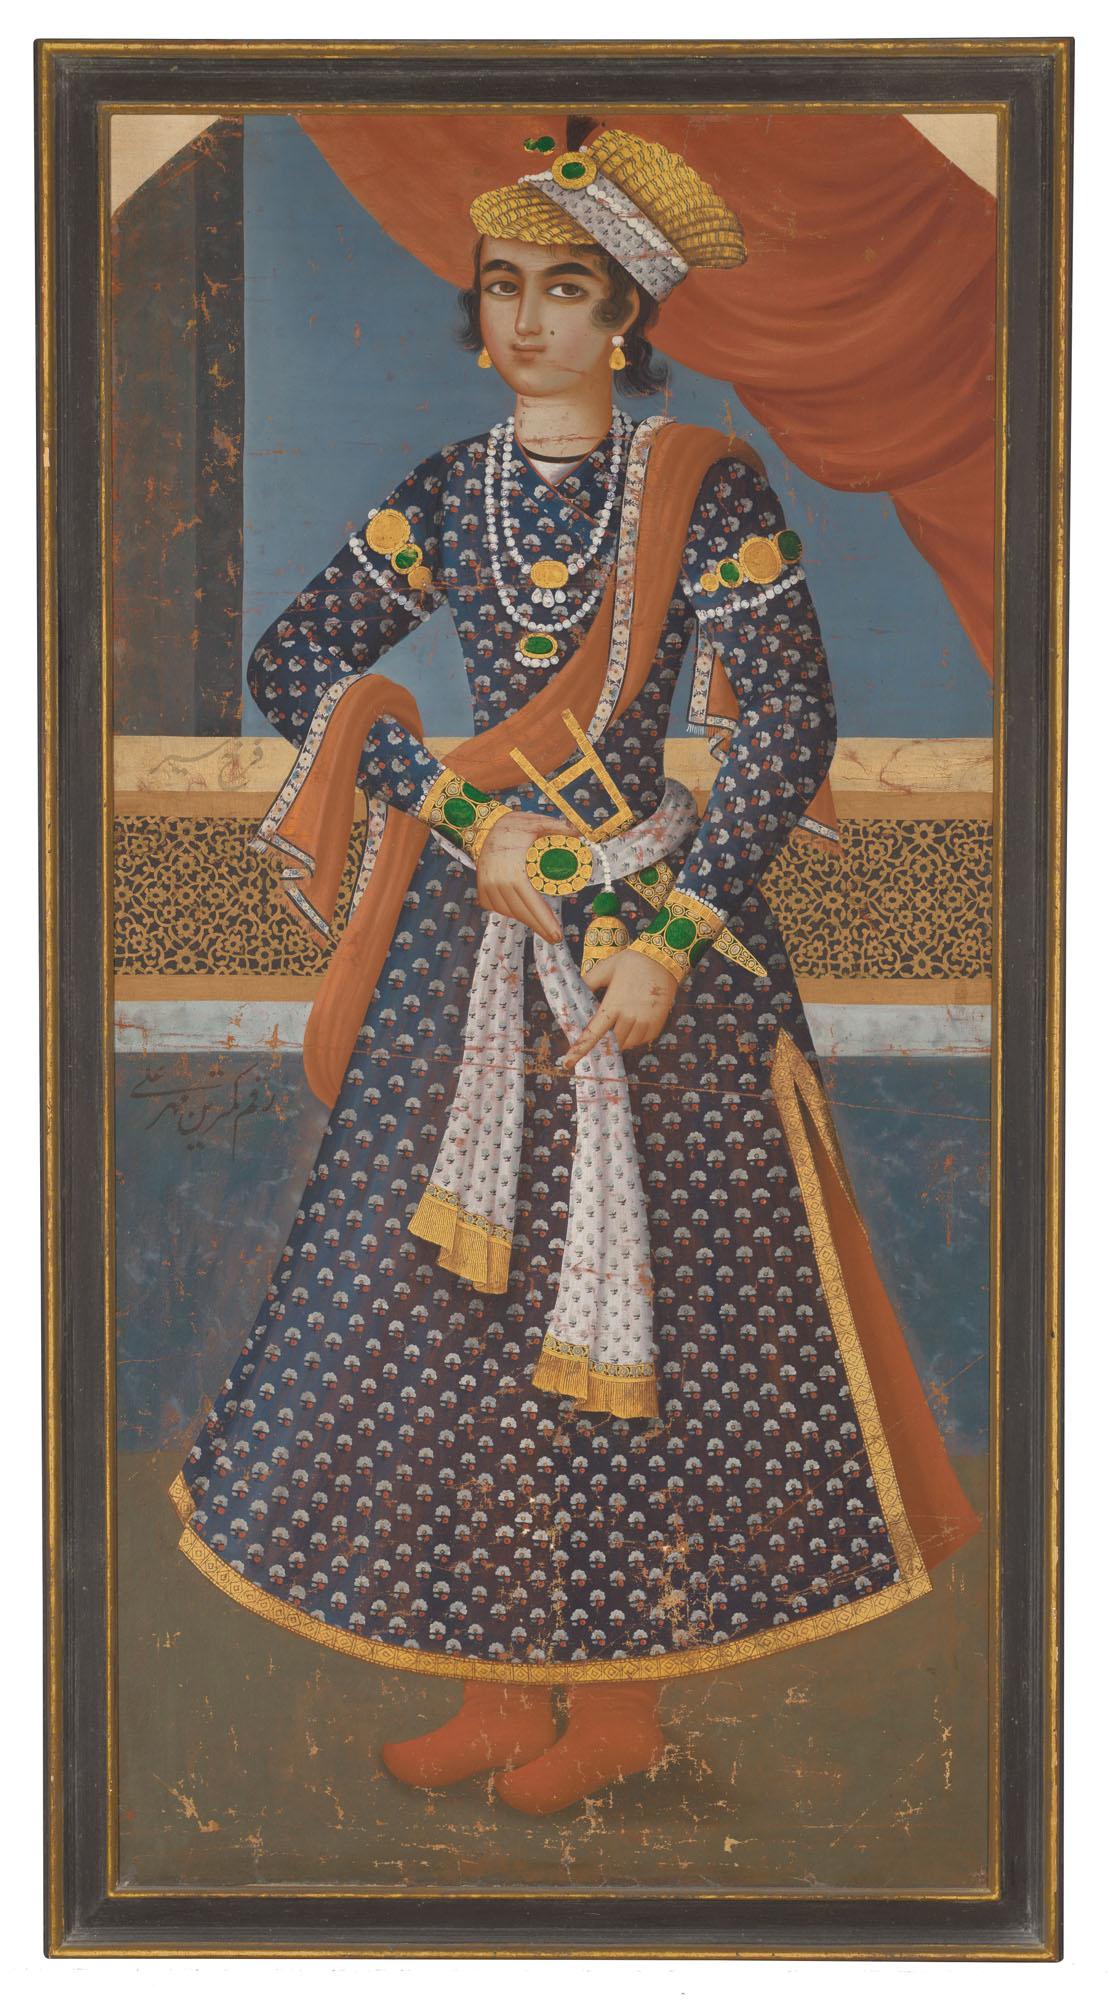 THE MUGHAL EMPEROR FARRUKH SIYAR